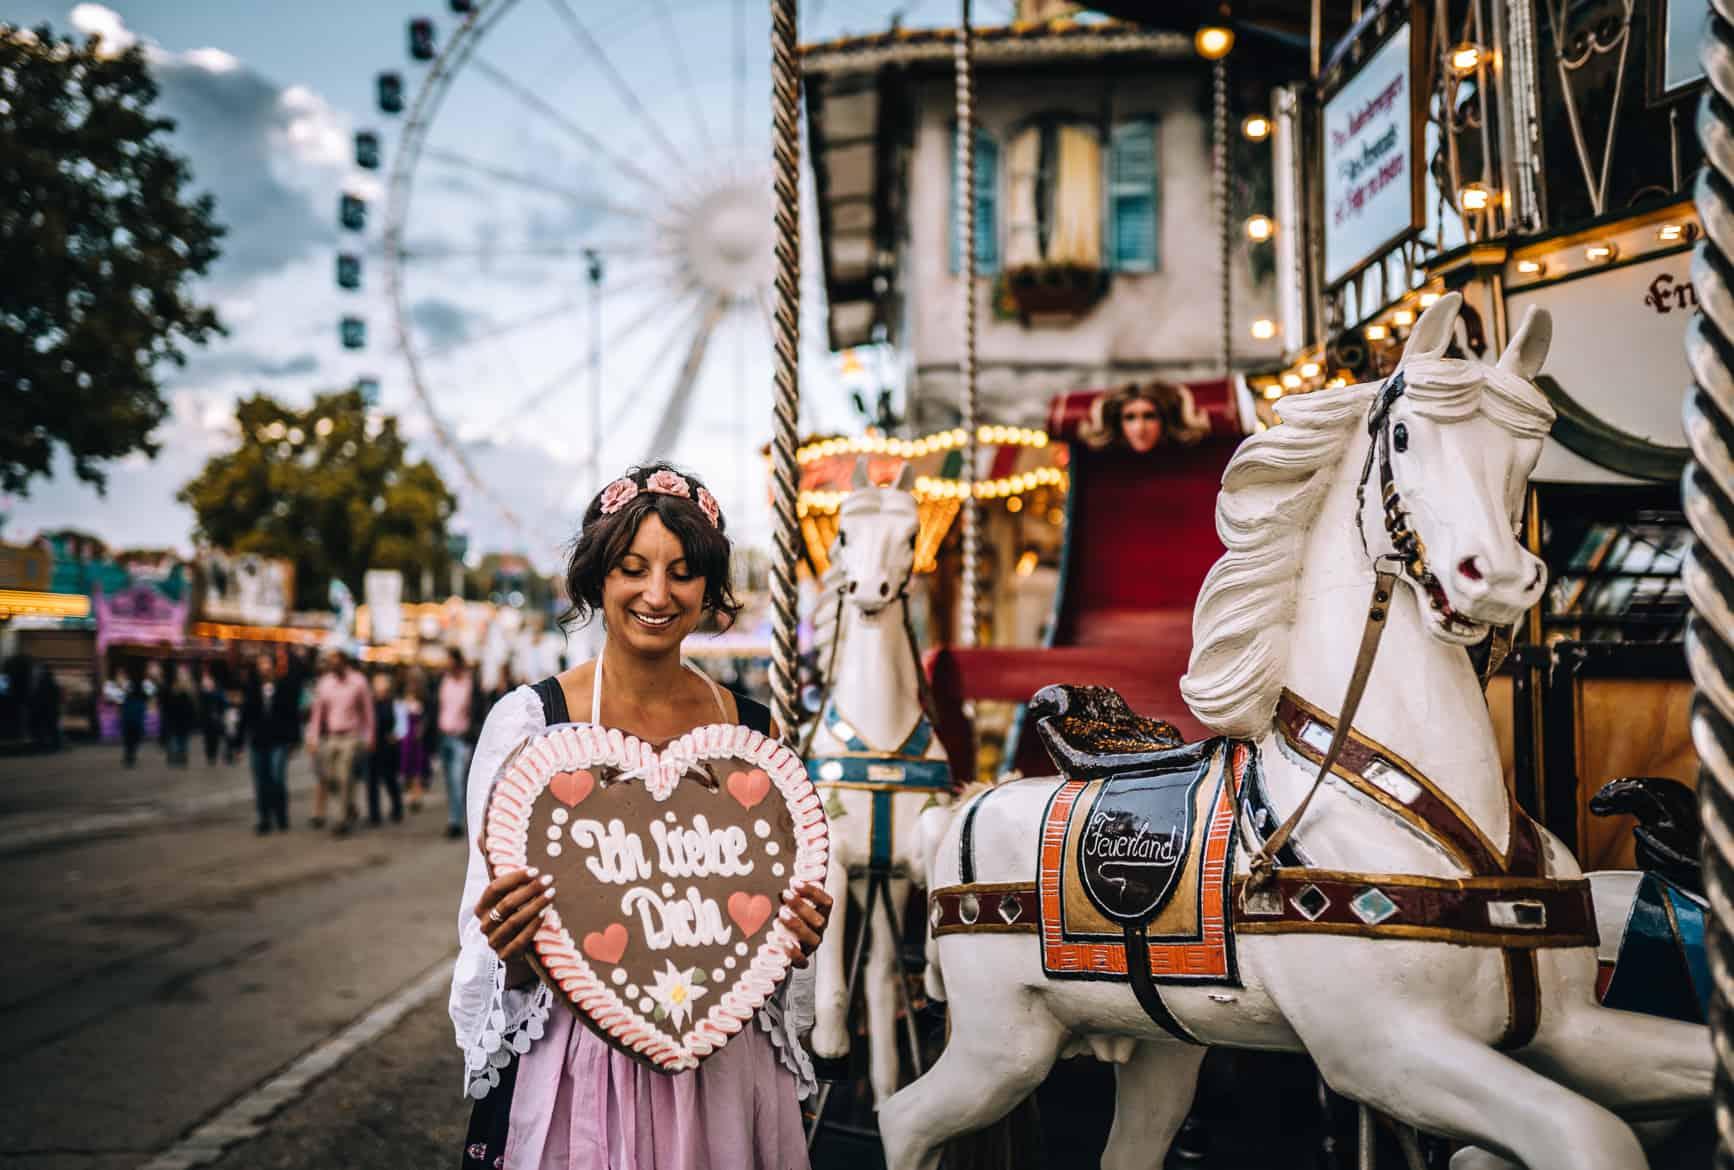 Stuttgart im Herbst - Cannstatter Wasen, Kürbisfestival & #tastyStuttgart: Riesenrad & Lebkuchenherz